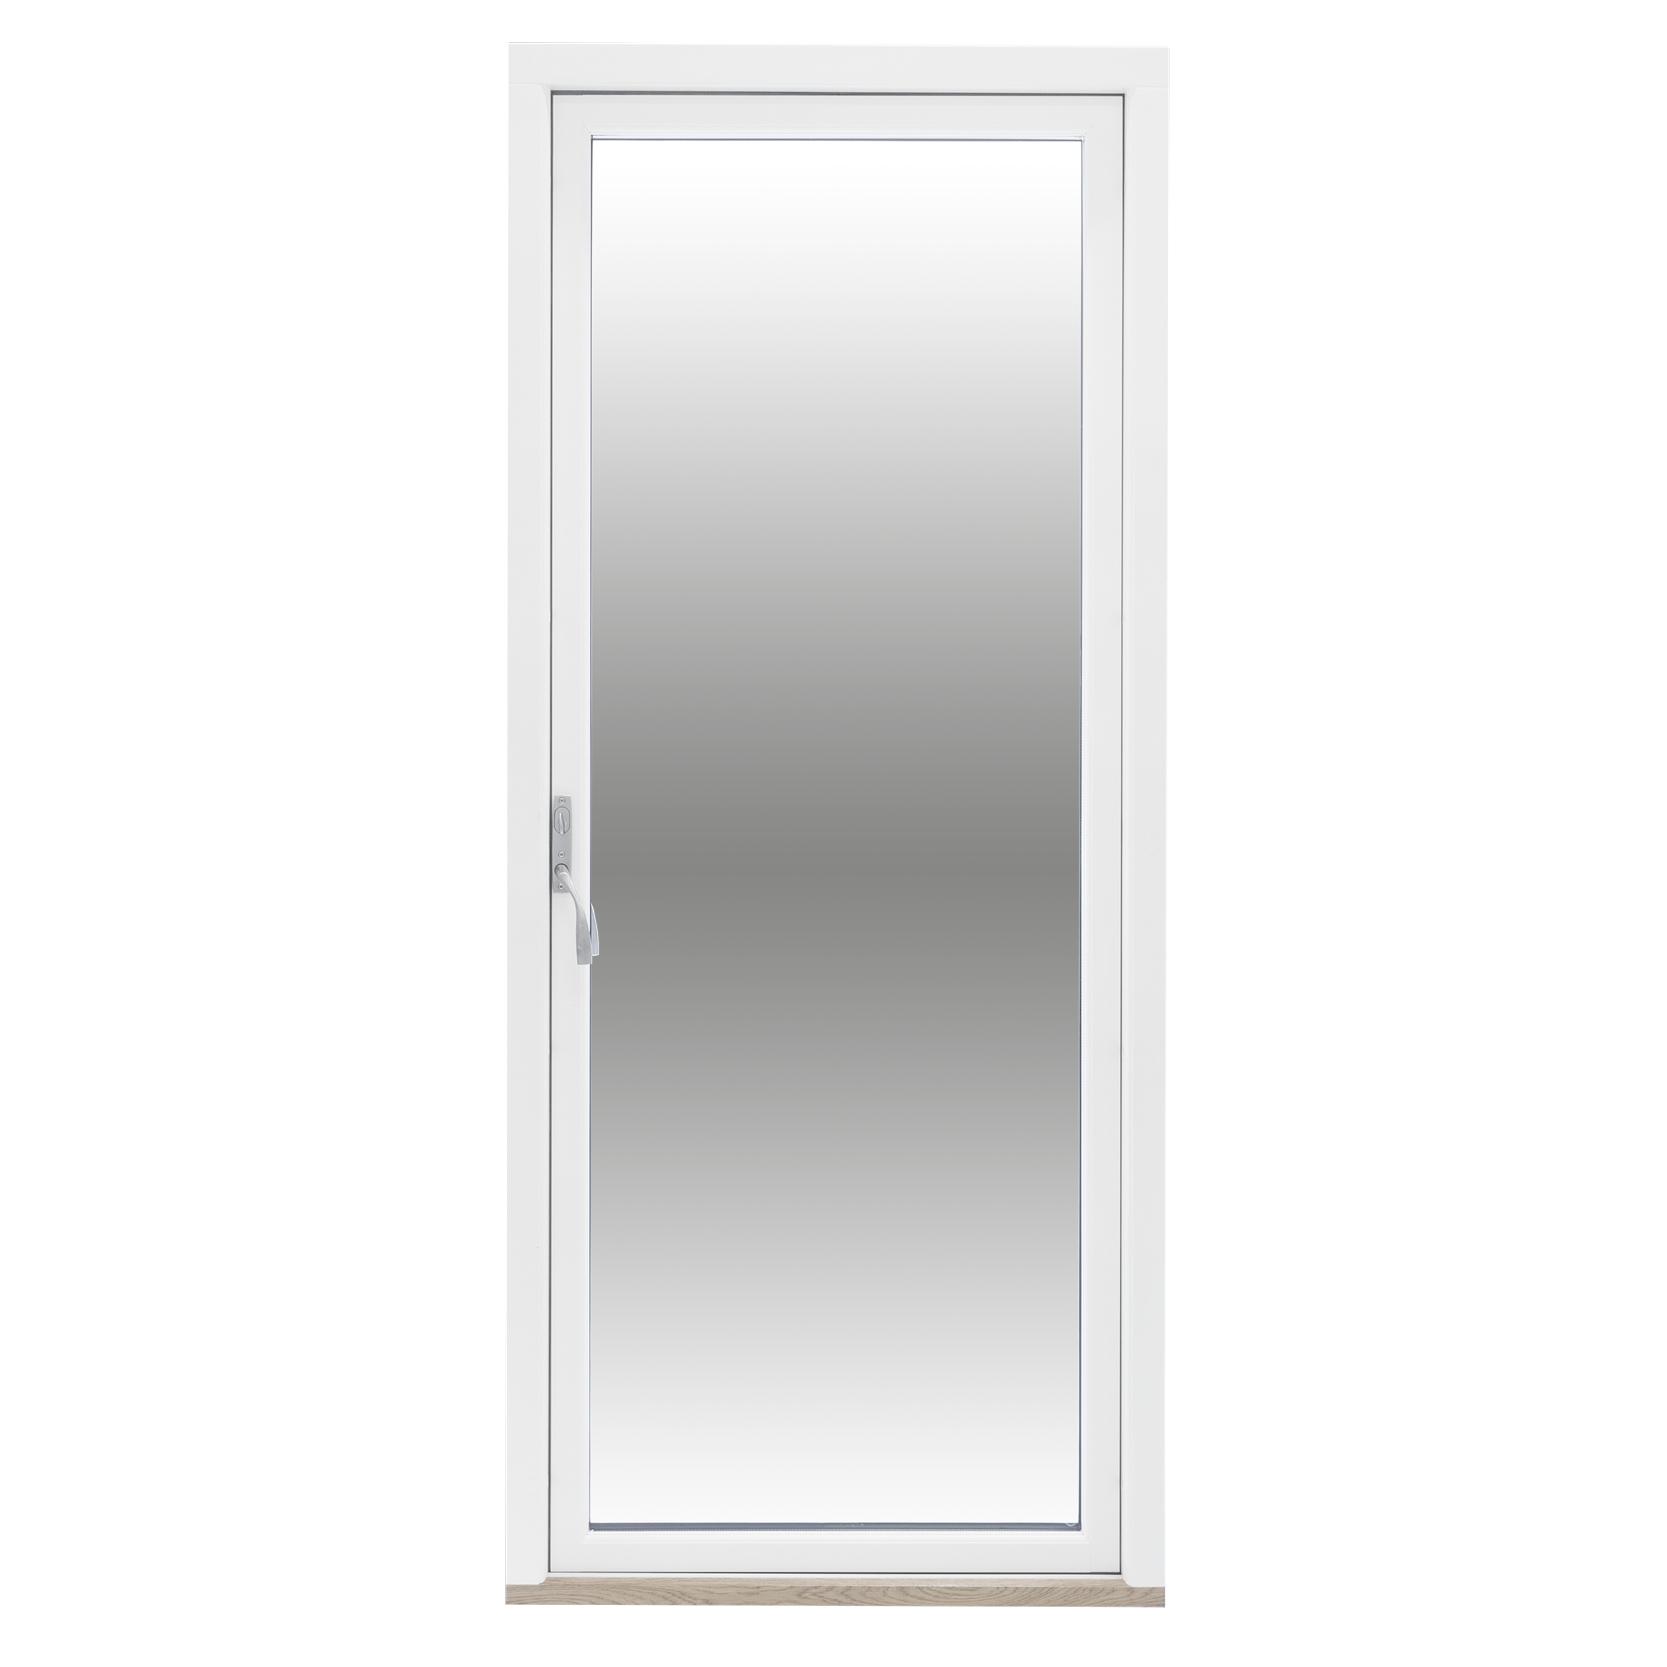 Enkel Altan/Balkongdörr 2 Glas – Trä – Flex Fönster